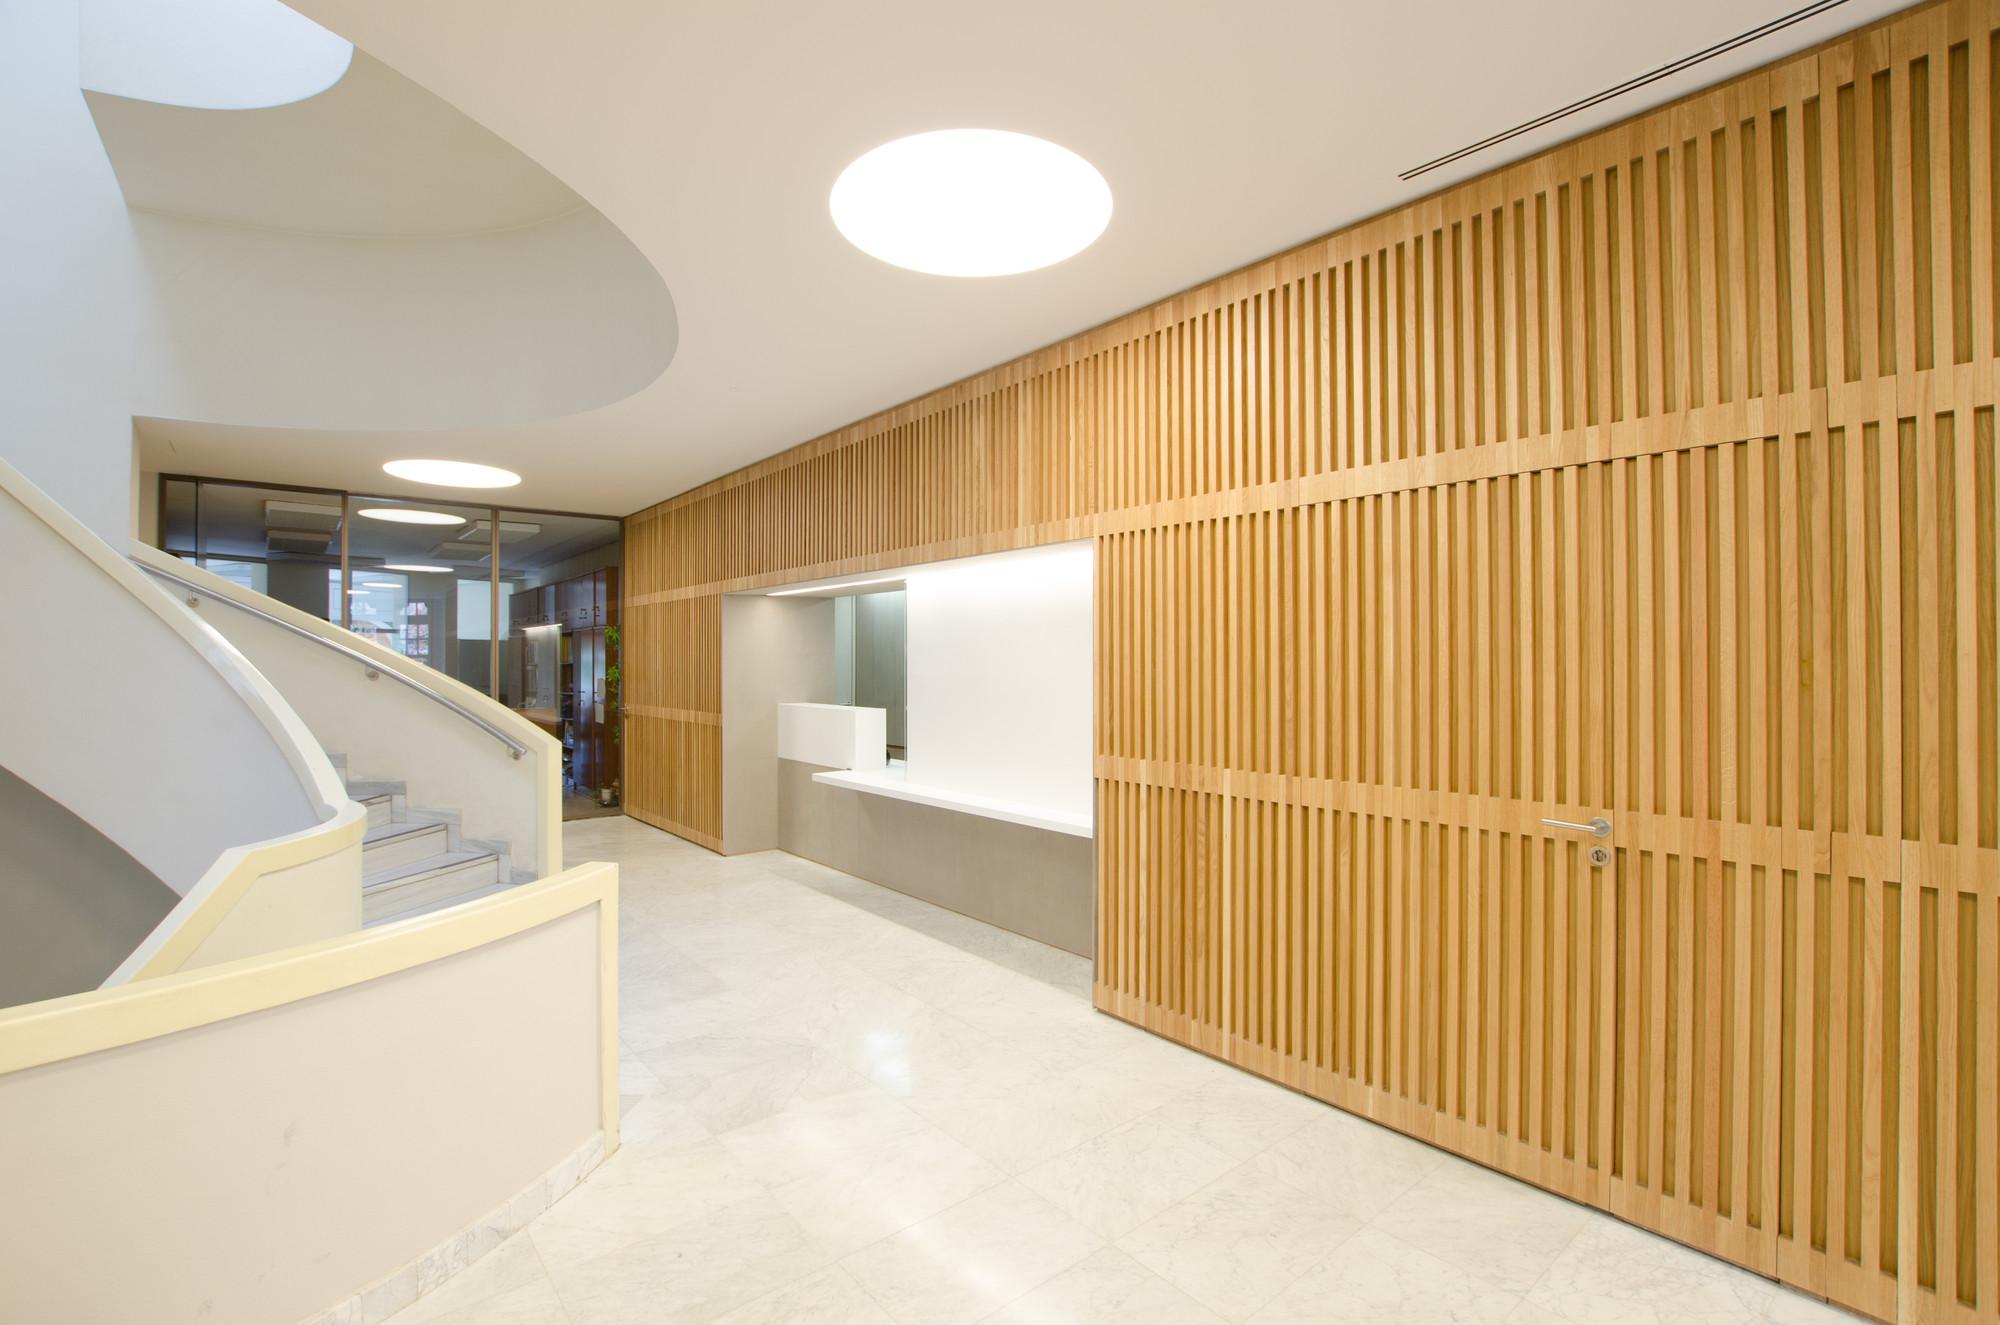 Galer a de proyecto de iluminaci n colegio de ingenieros - Proyectos de iluminacion interior ...